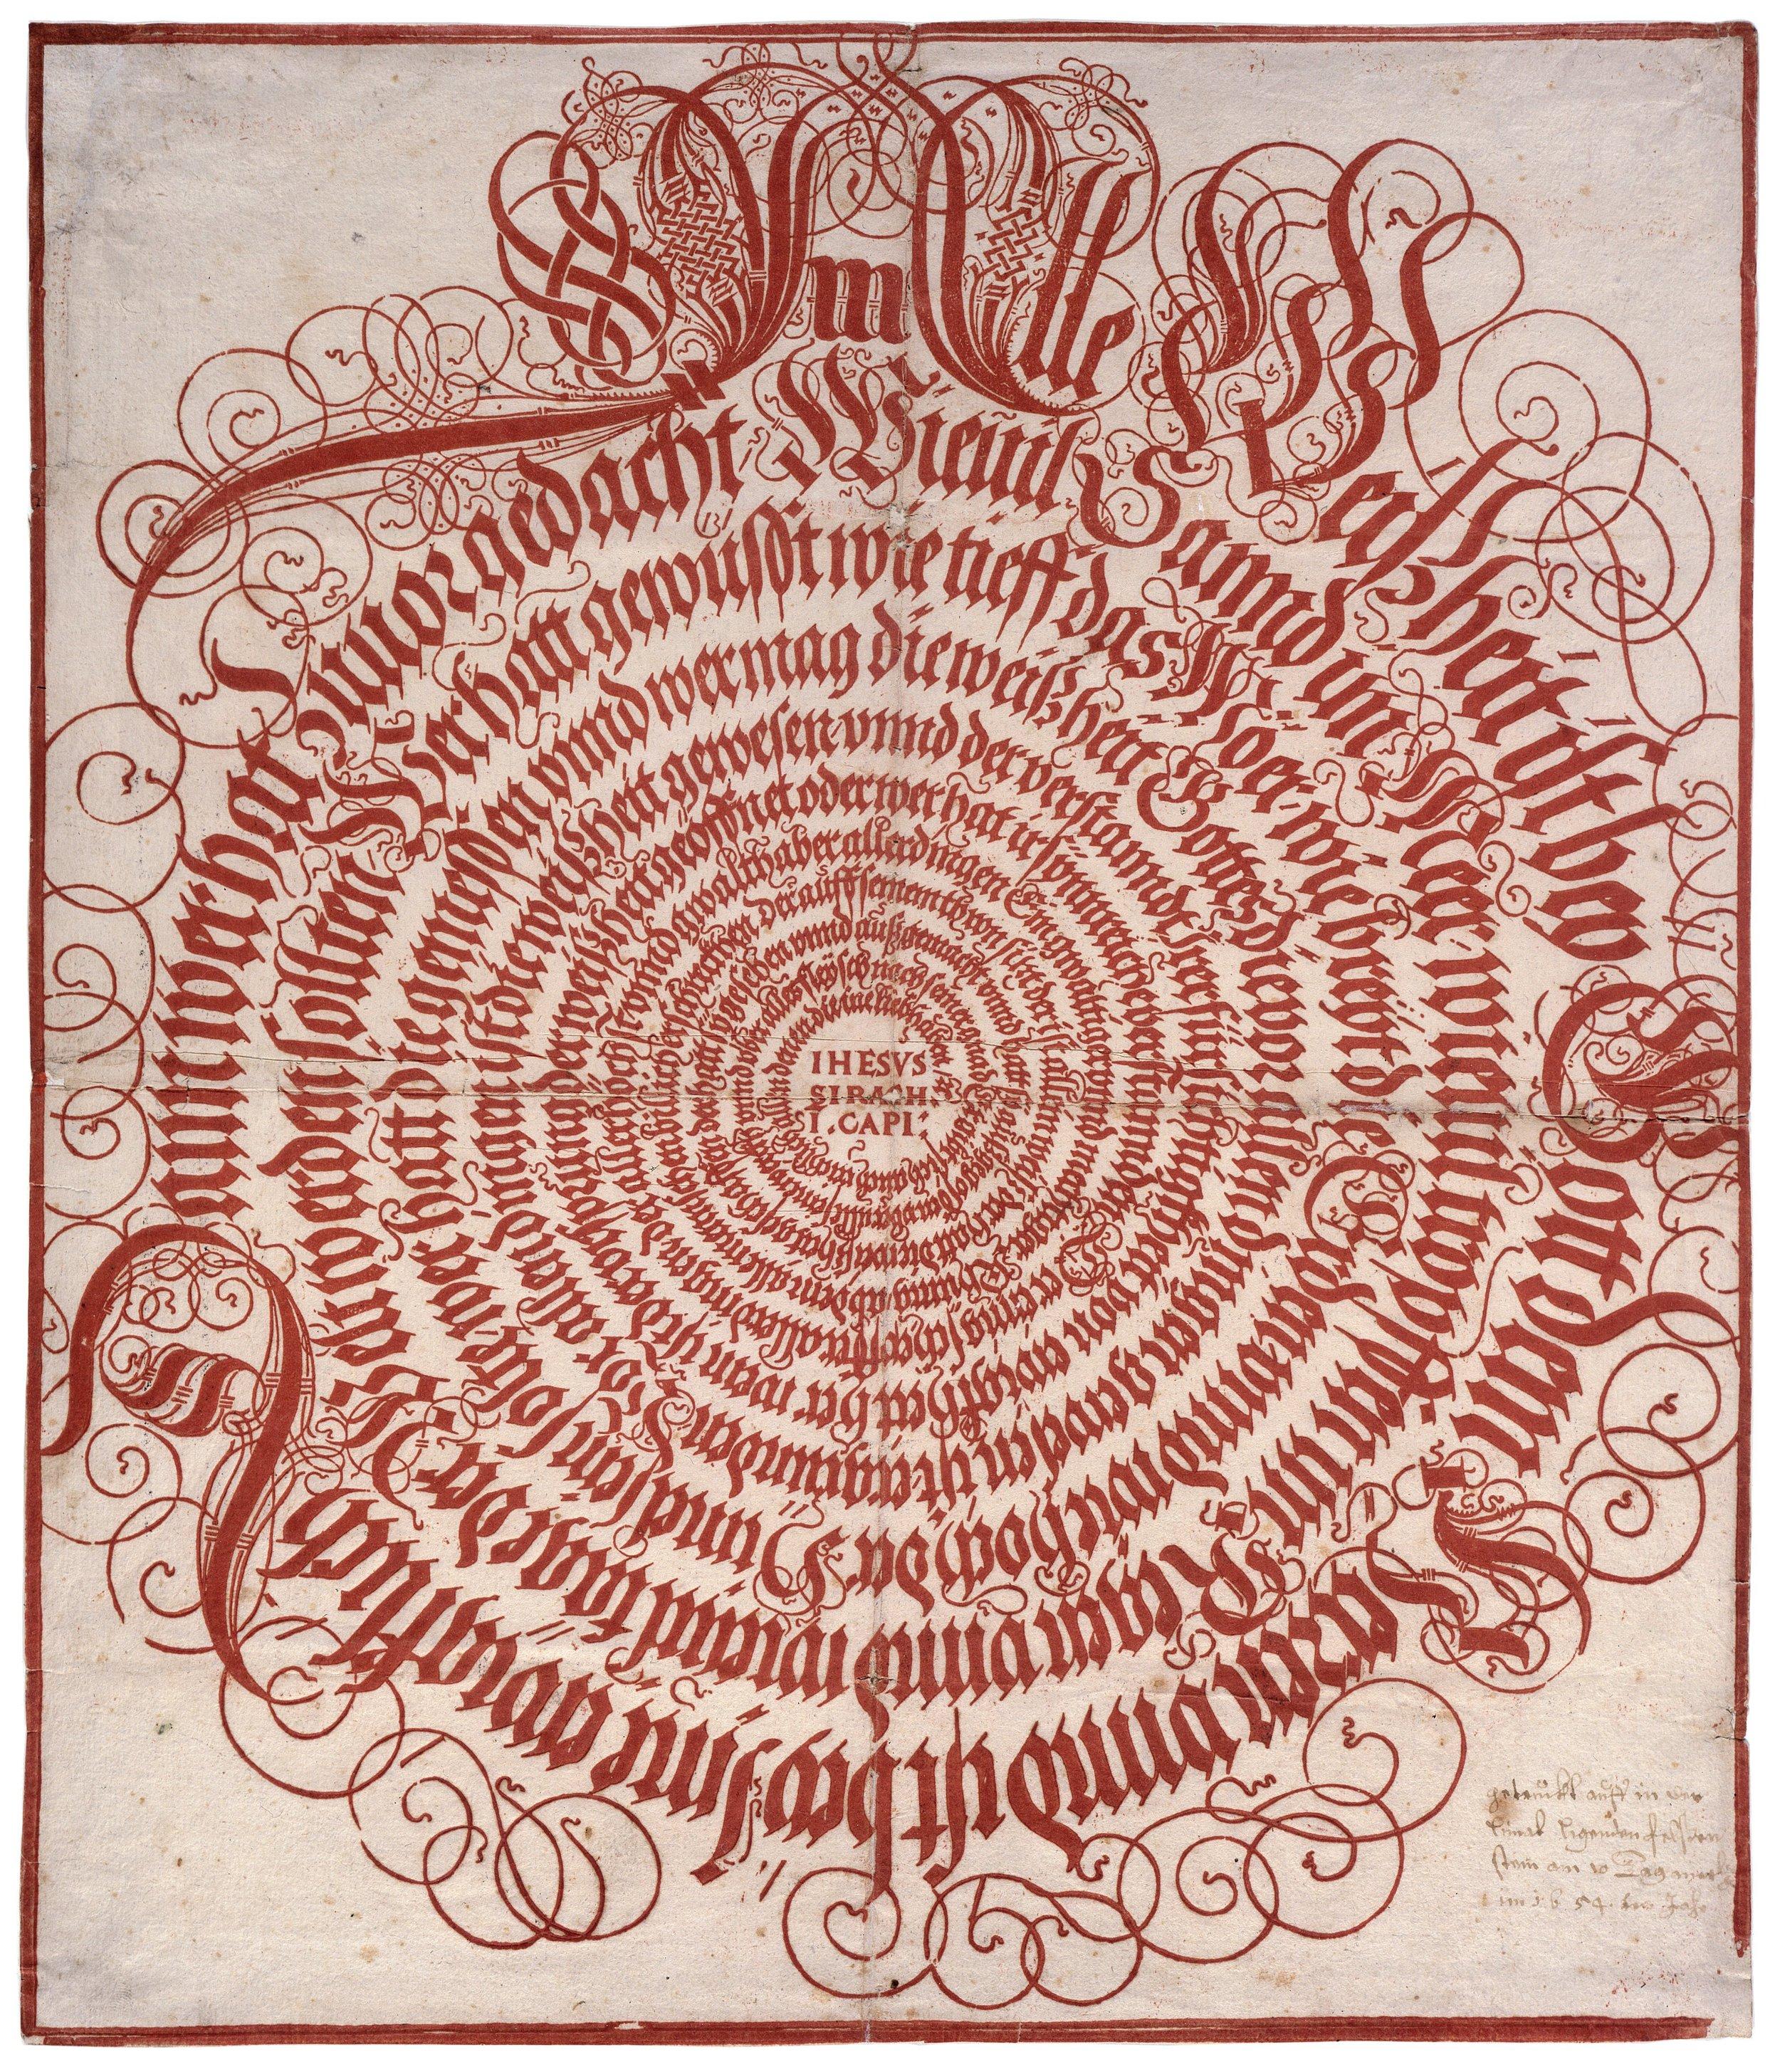 Zentralbibliothek_Zürich_-_Alle_Weissheit_ist_bey_Gott_dem_Herrn_-_000012138